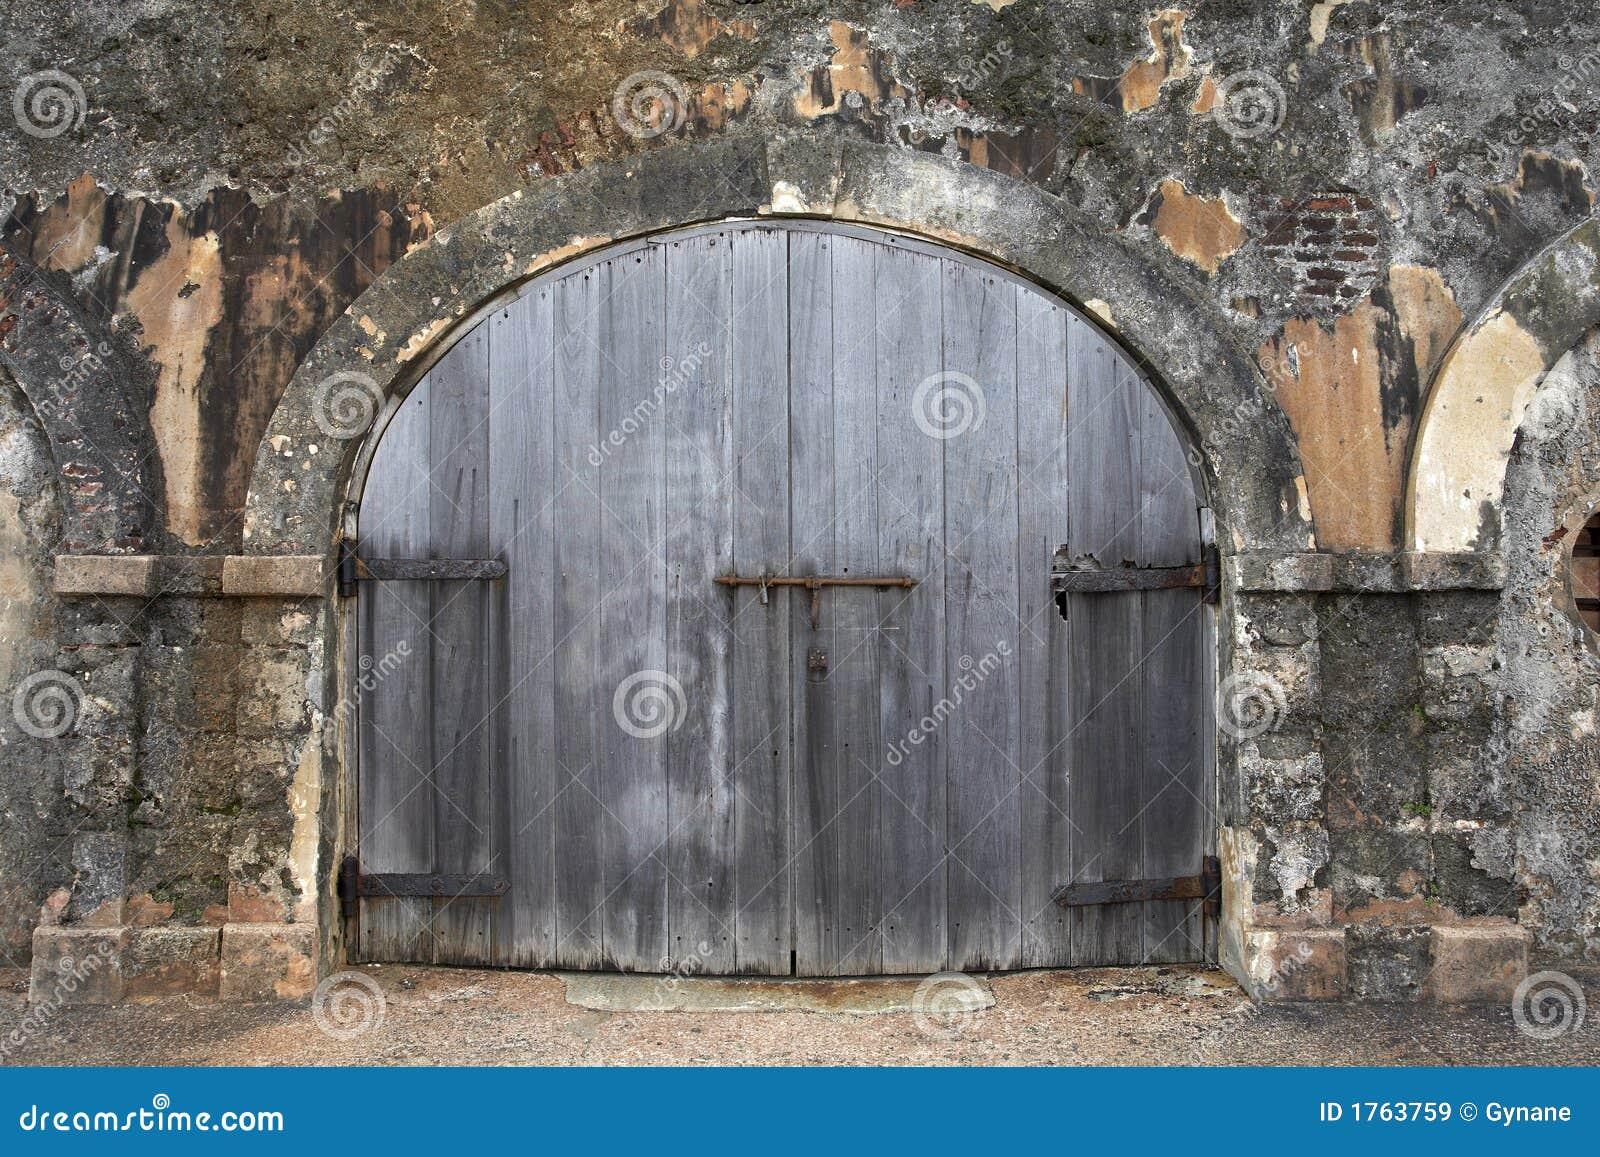 Wooden Garage Door Stock Image Image Of Weathered Wood 1763759